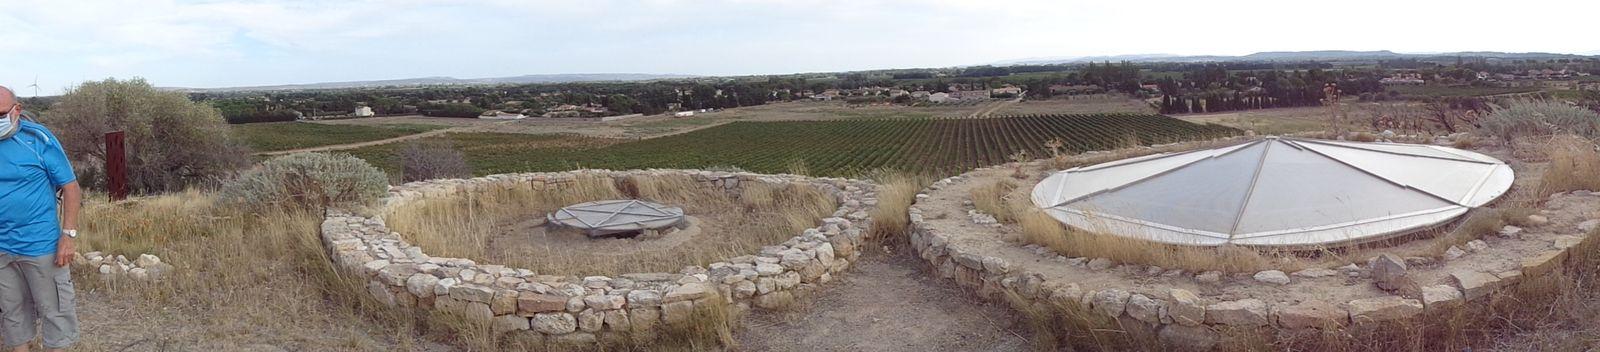 Les deux puits de la glacière et la vue sur la vallée de l'Aude. Pour cette raison lors de la deuxième guerre mondiale cette glacière a été transformée par les troupes allemandes en point d'observation avec de l'artillerie.